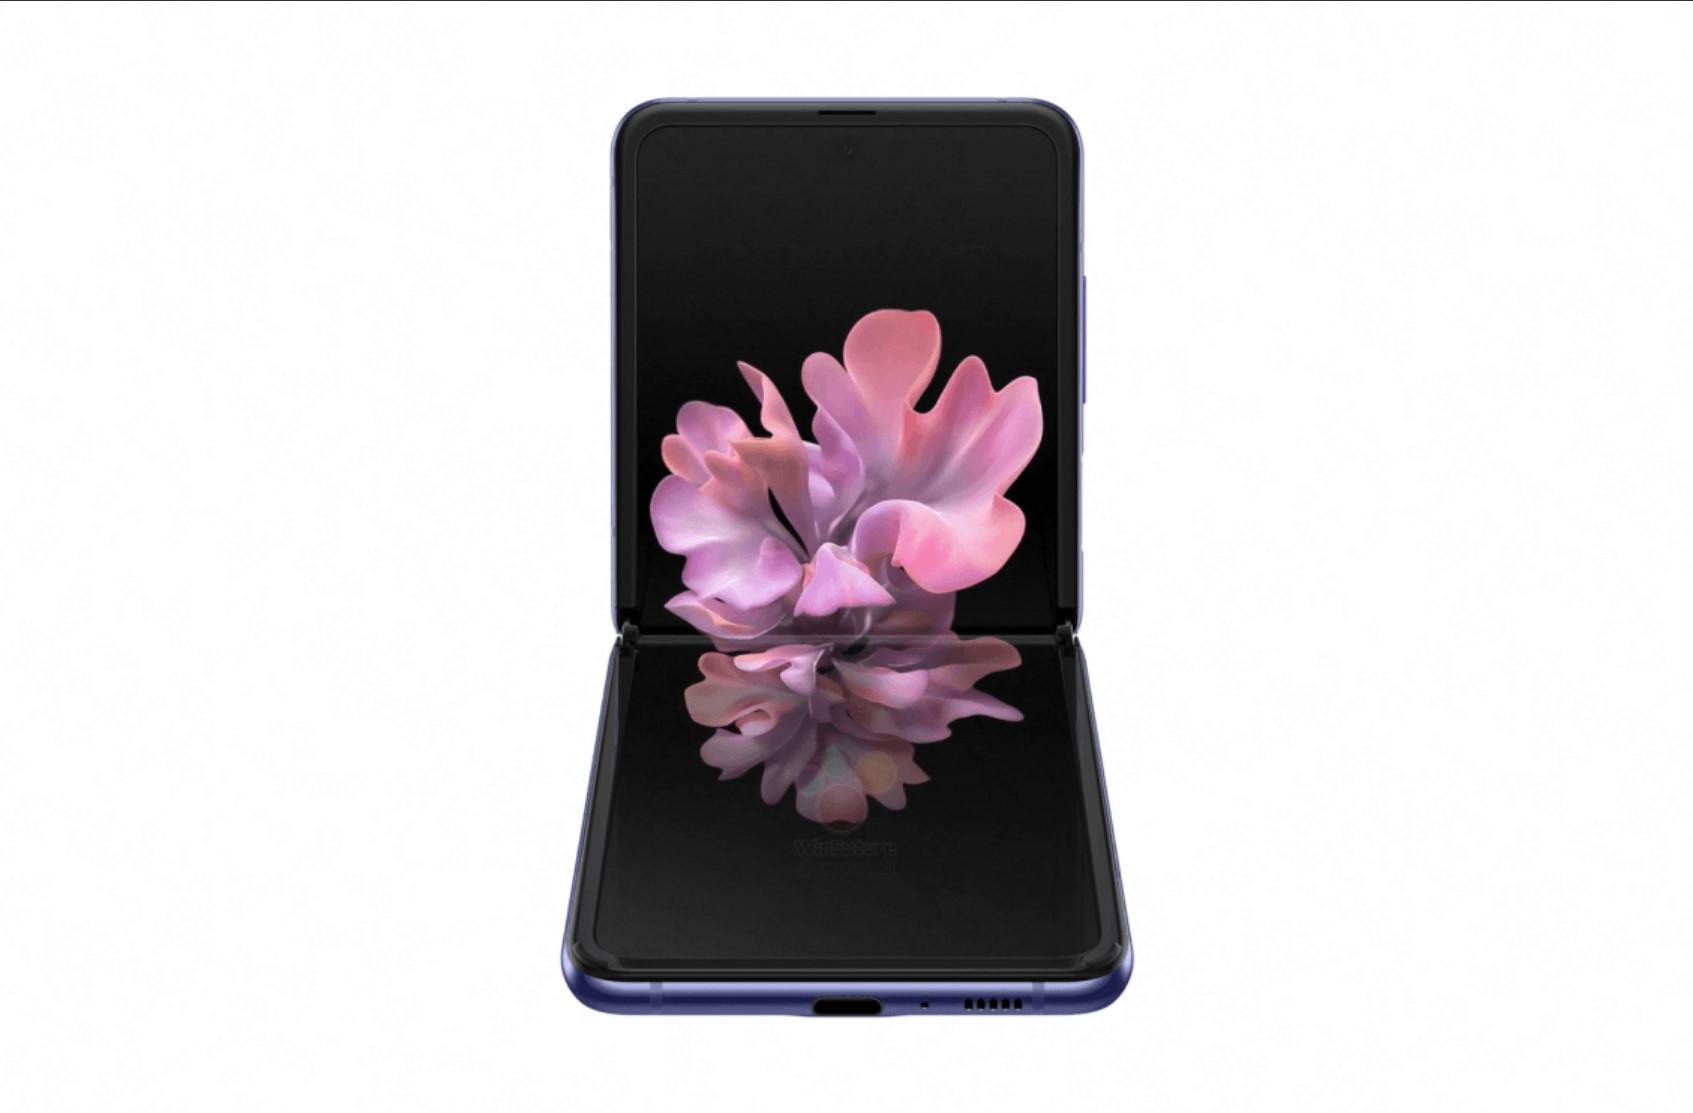 Samsung Galaxy Với Flip - đồ họa chính thức